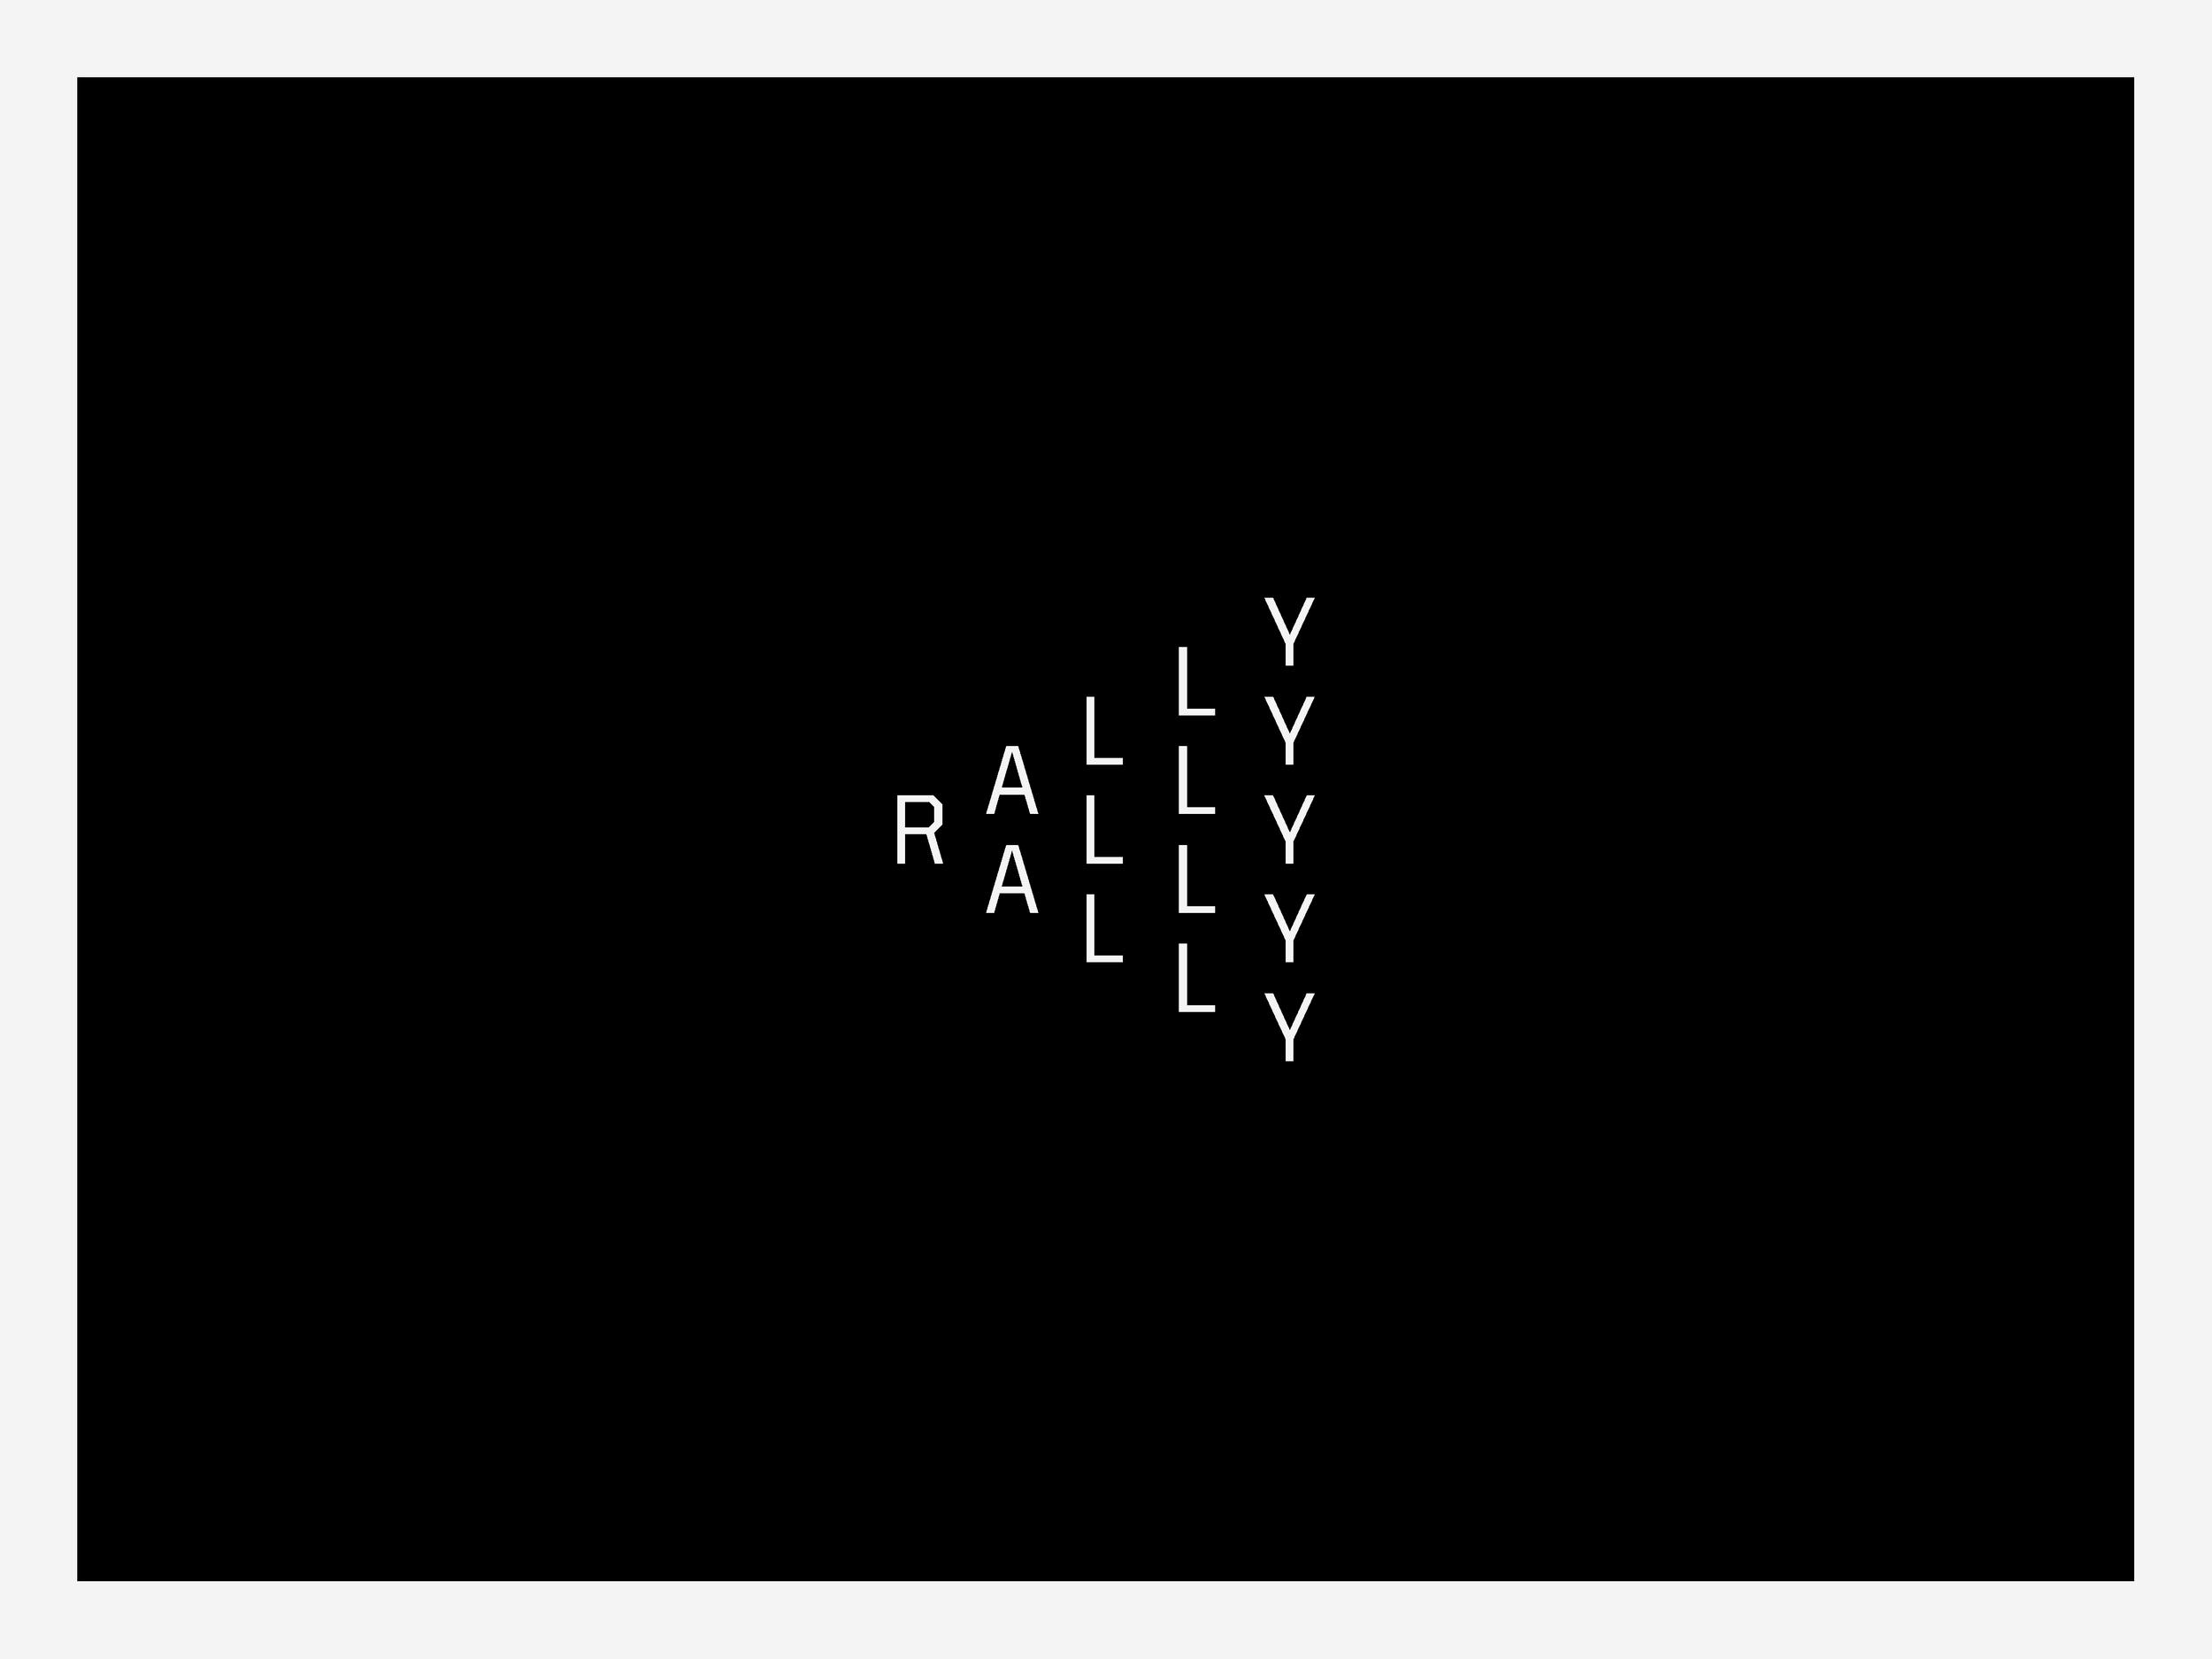 5 Rally logo.png